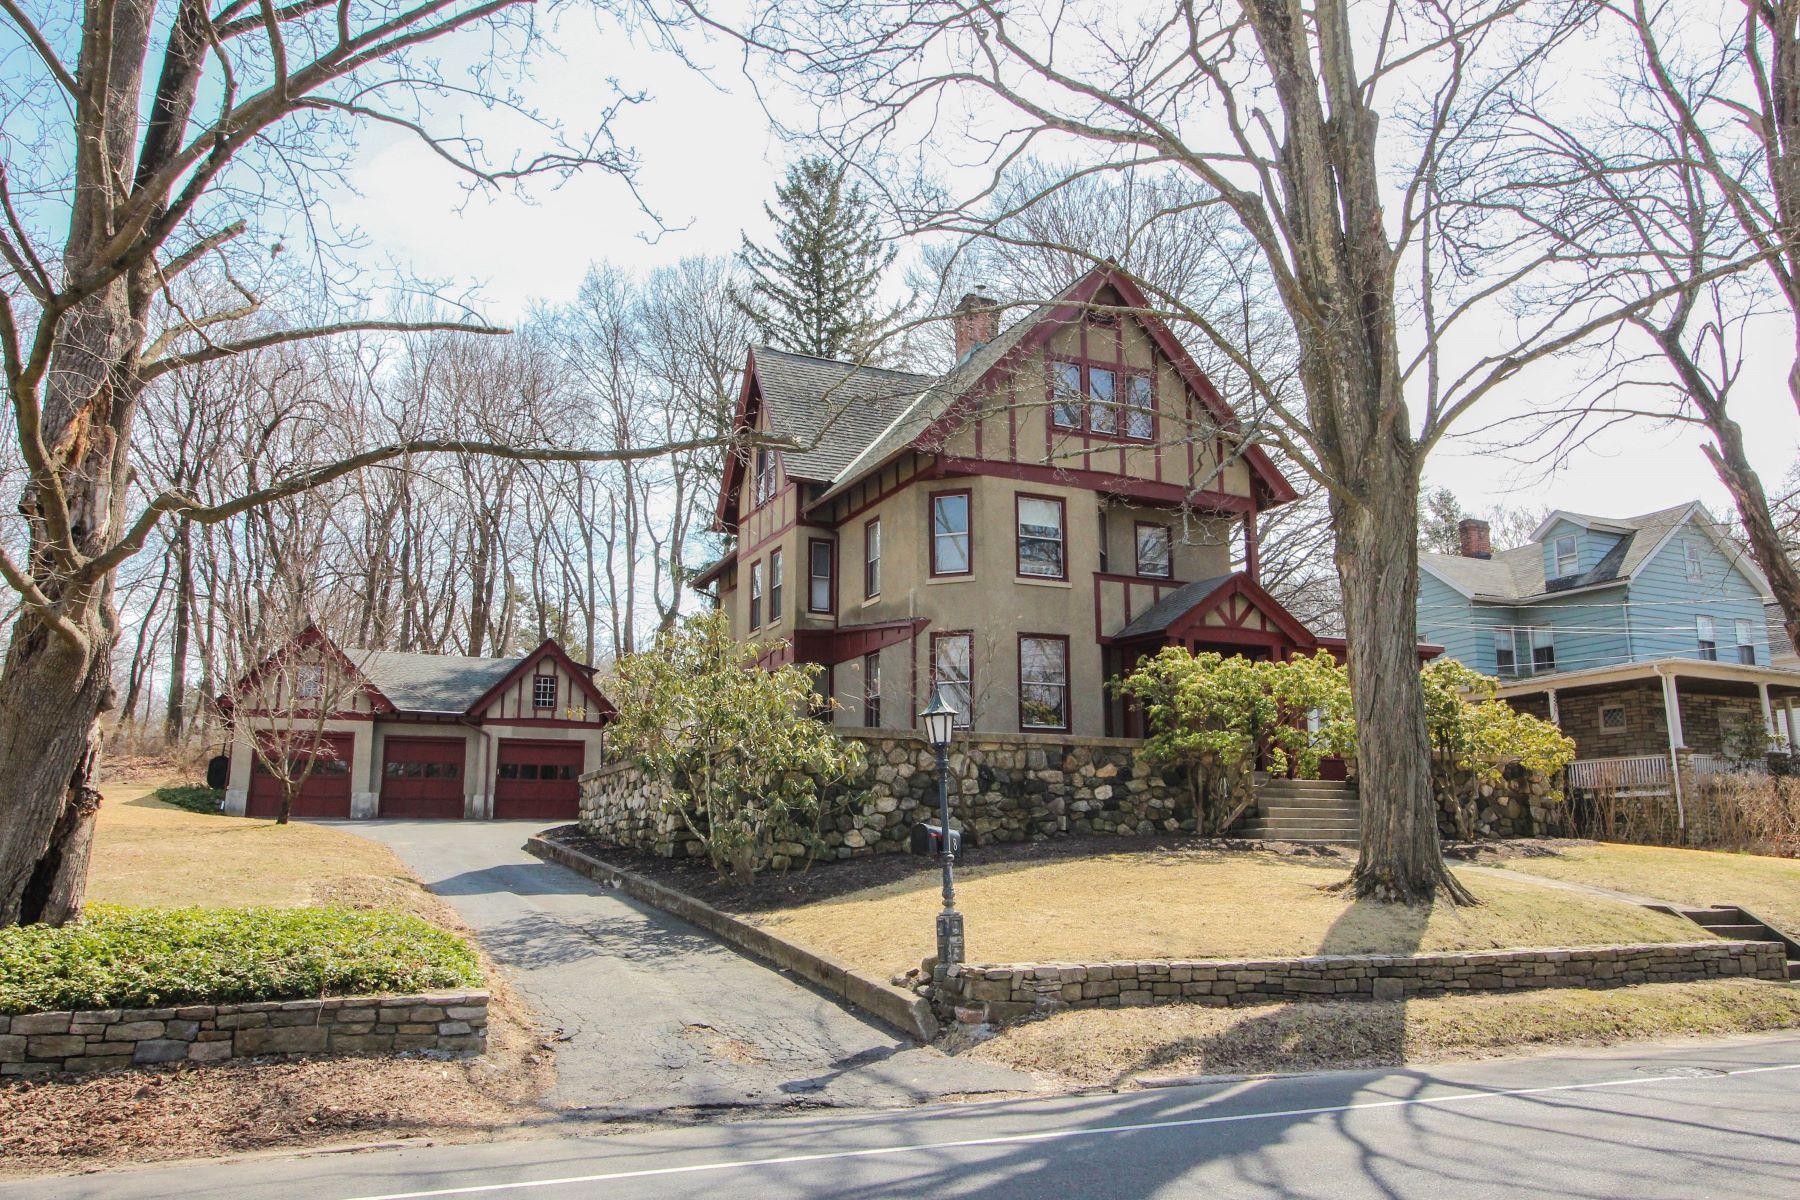 Eensgezinswoning voor Verkoop op Charm And History Galore 8 Greenwood Ave, Bethel, Connecticut 06801 Verenigde Staten